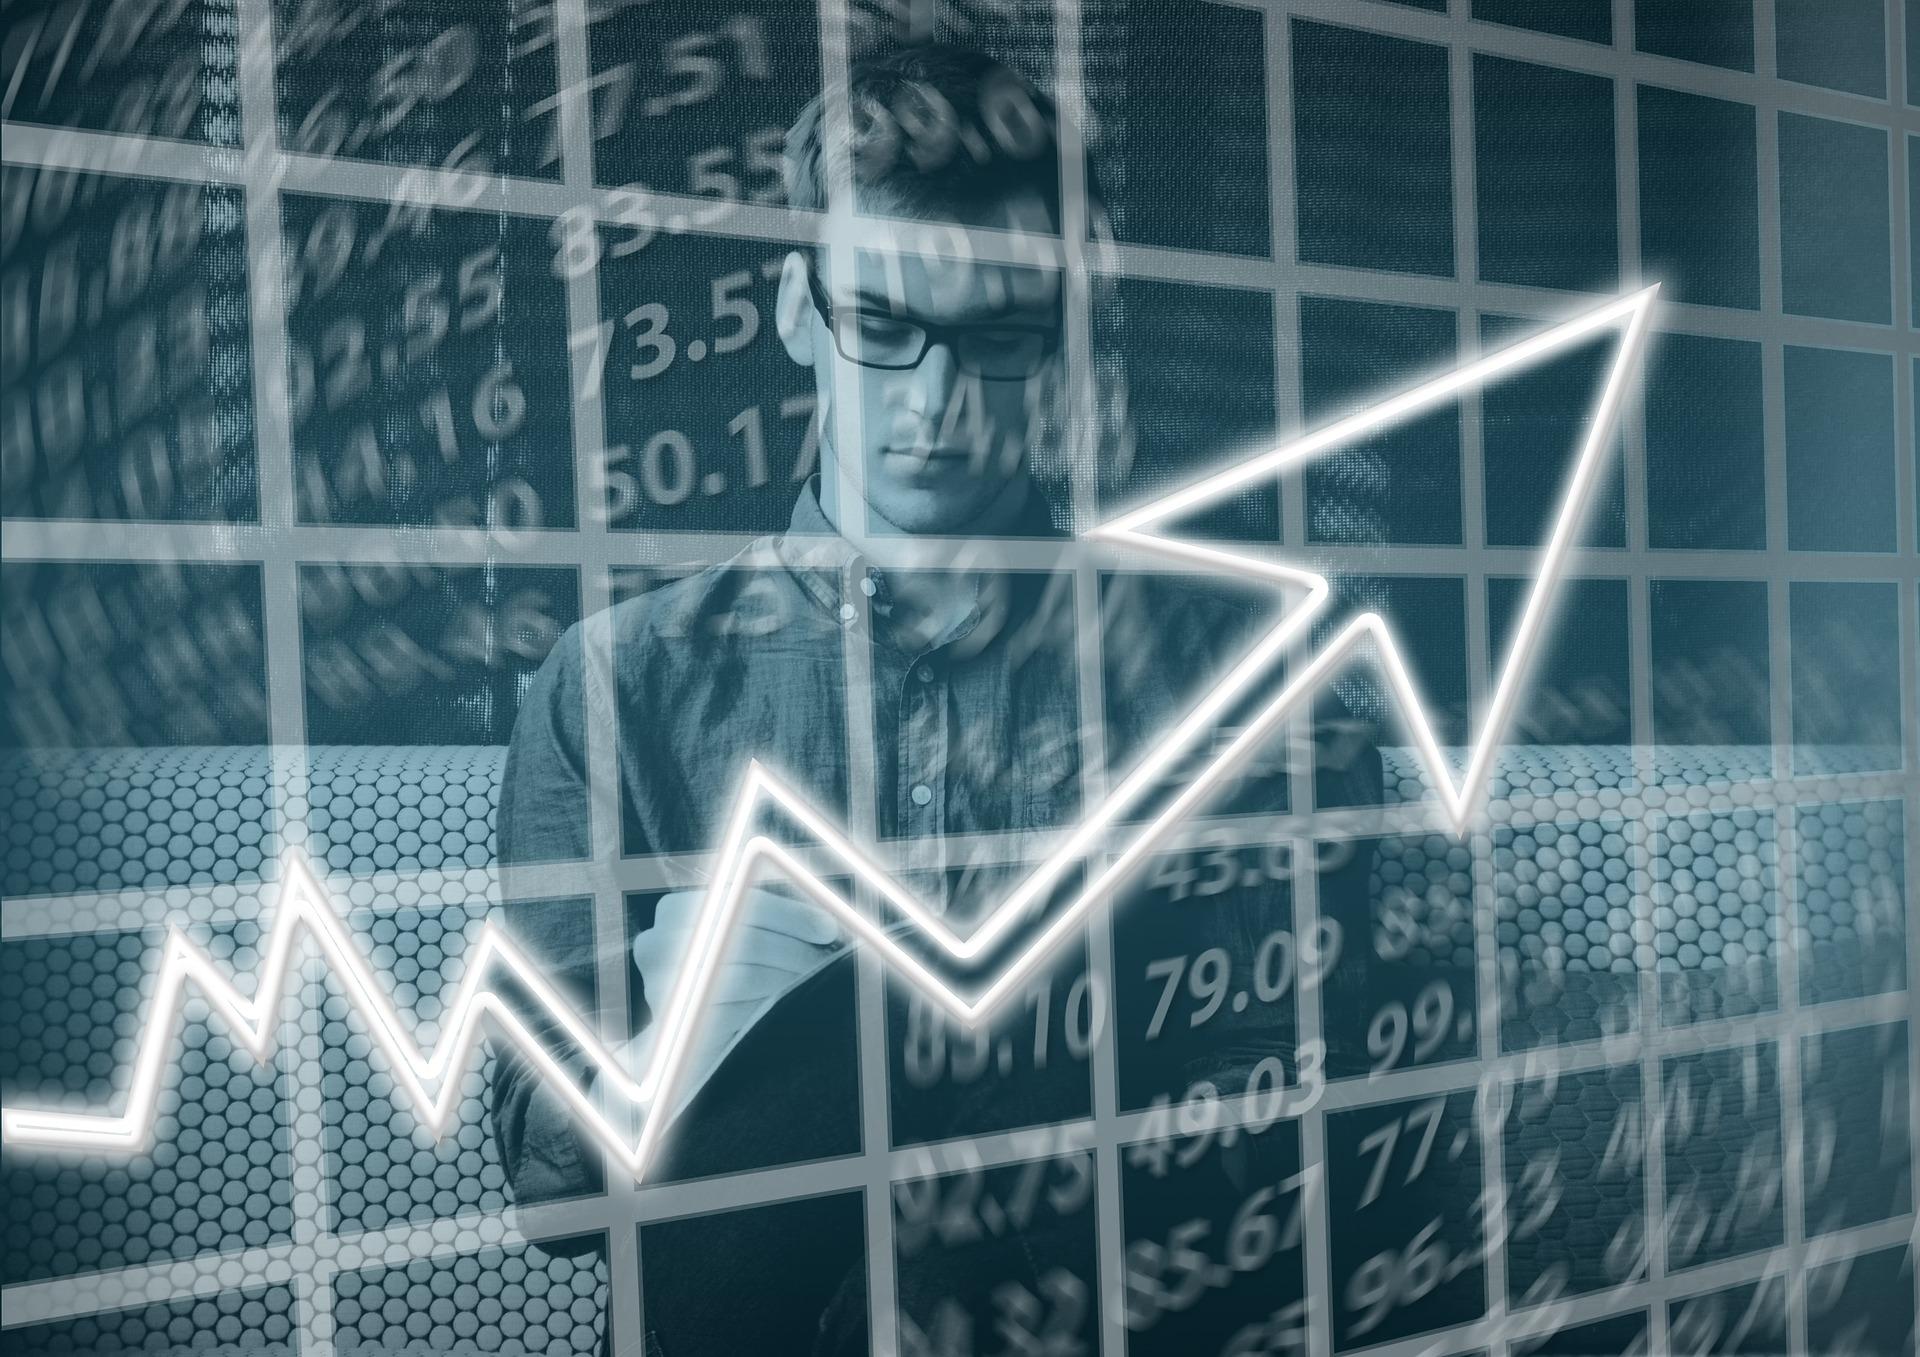 Pénzügyi Tudatosság Fejlesztéséért Díj: már lehet jelölni